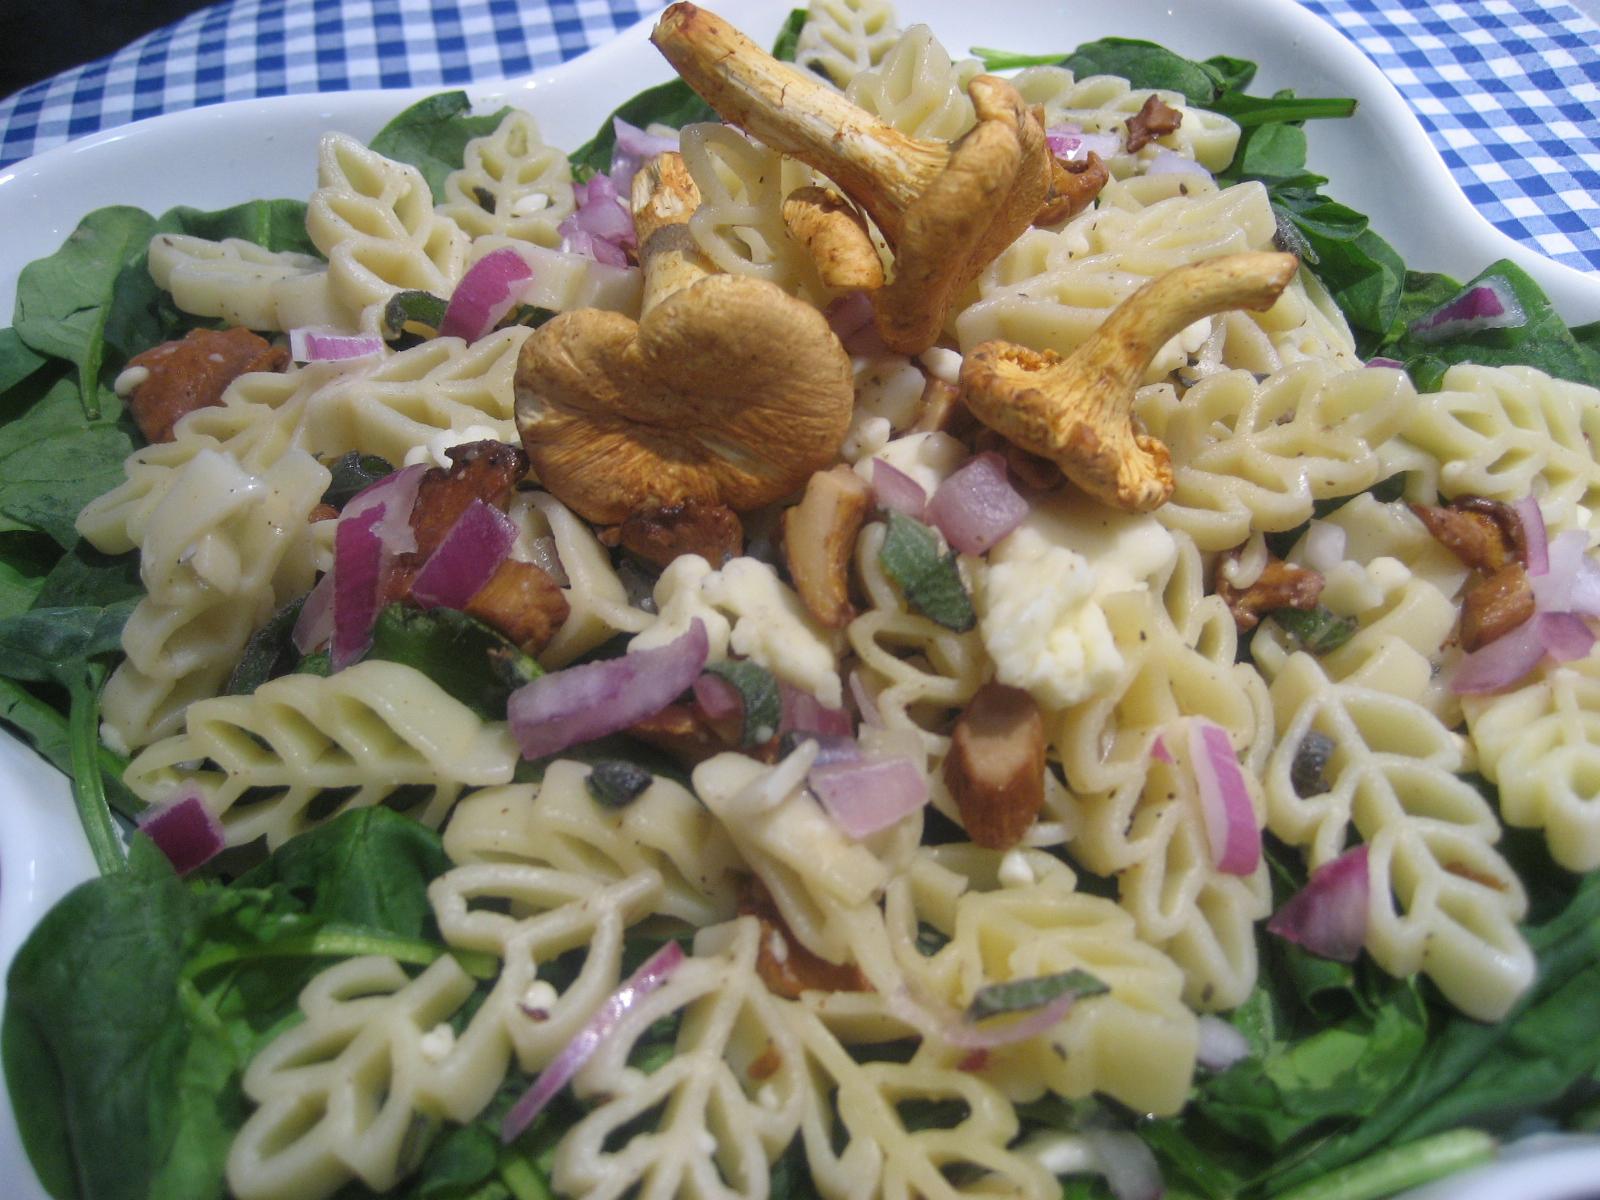 Marie est dans son assiette salade de p tes aux for Salade pour accompagner poisson